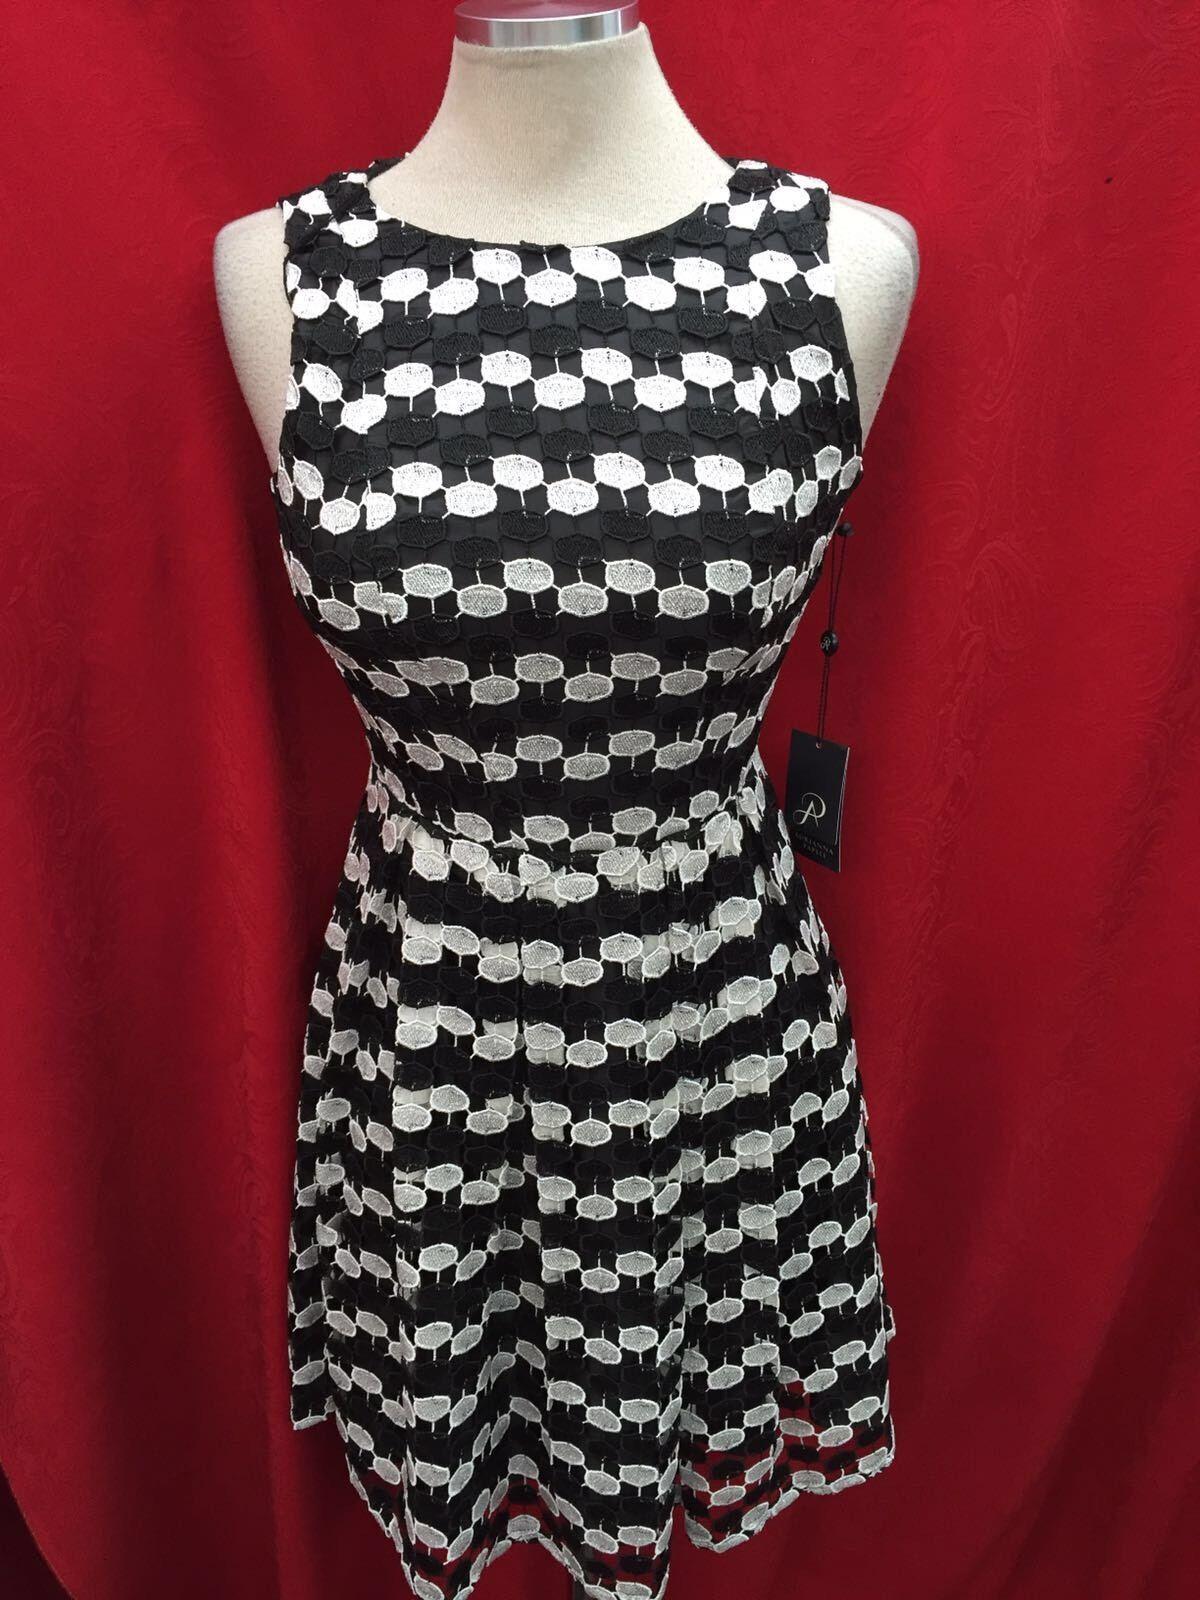 Adrianna Papell Kleid   Größe12   Neu mit Etikett   Länge 39  Gefüttert